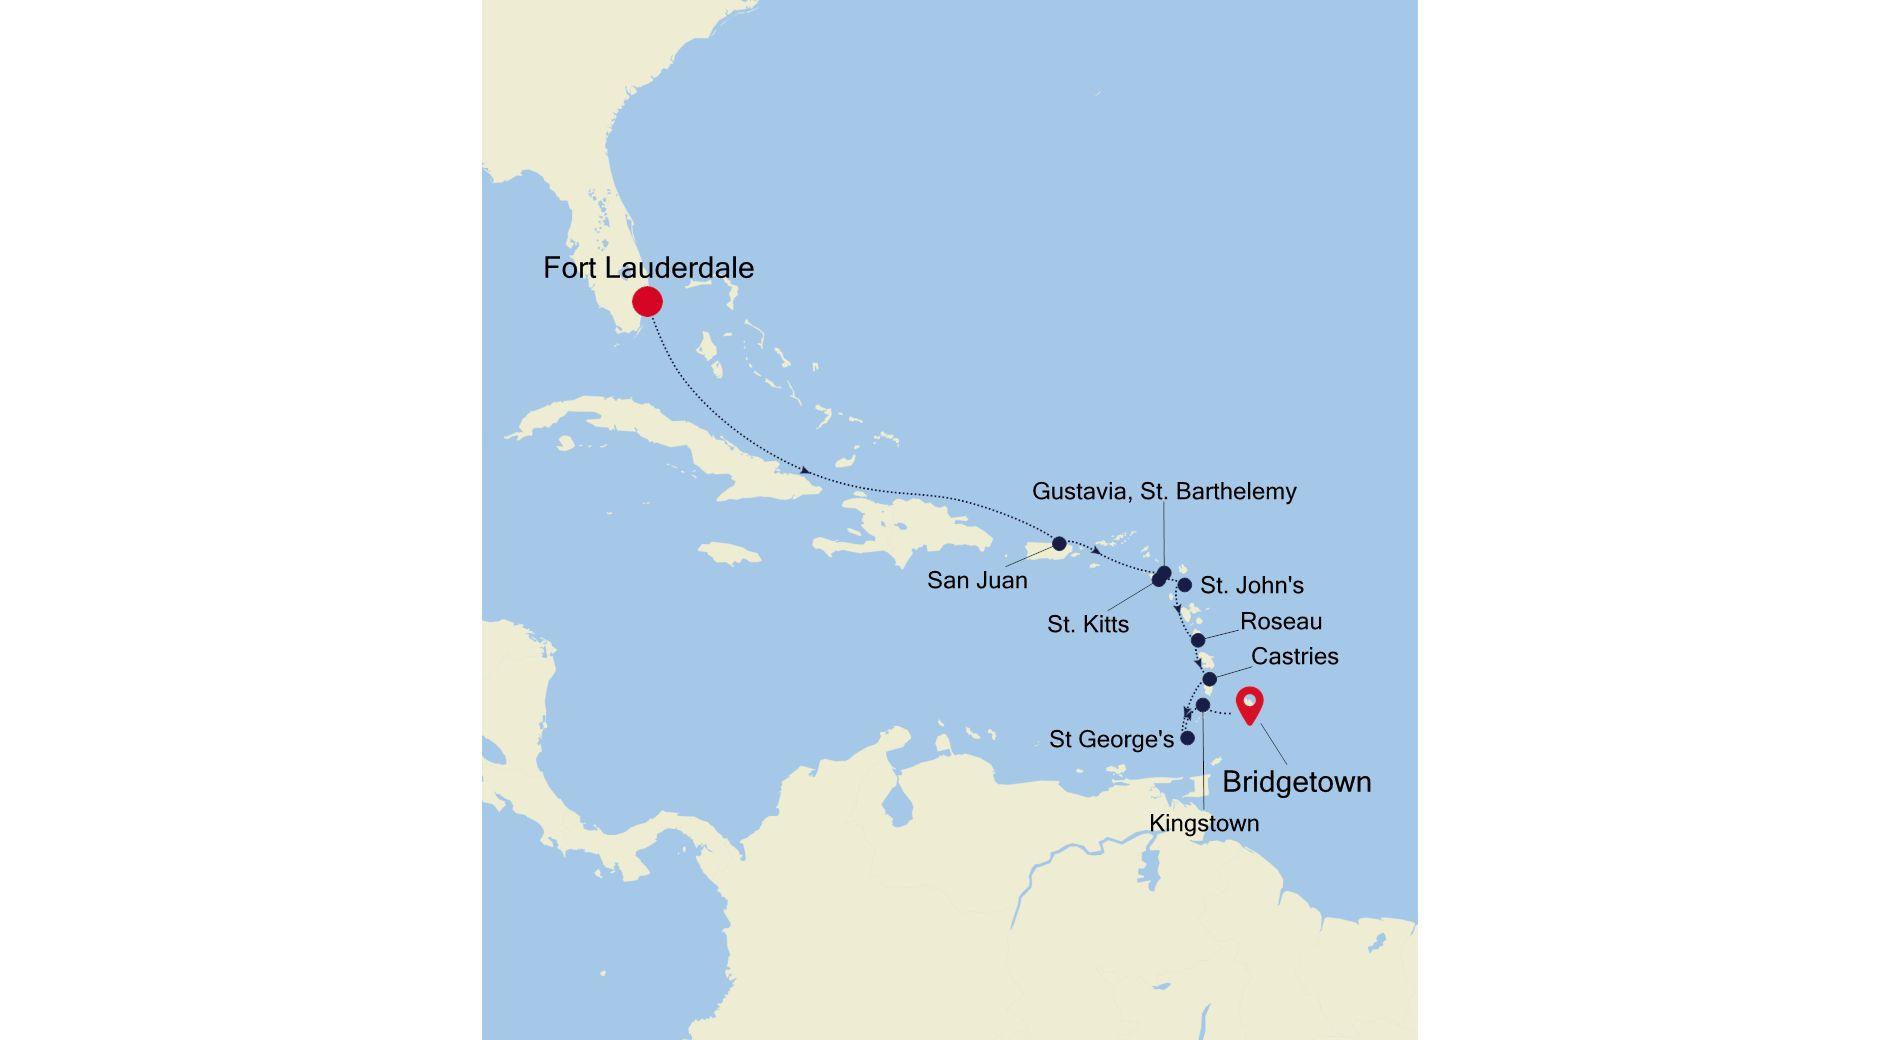 SL220125011 - Fort Lauderdale à Bridgetown